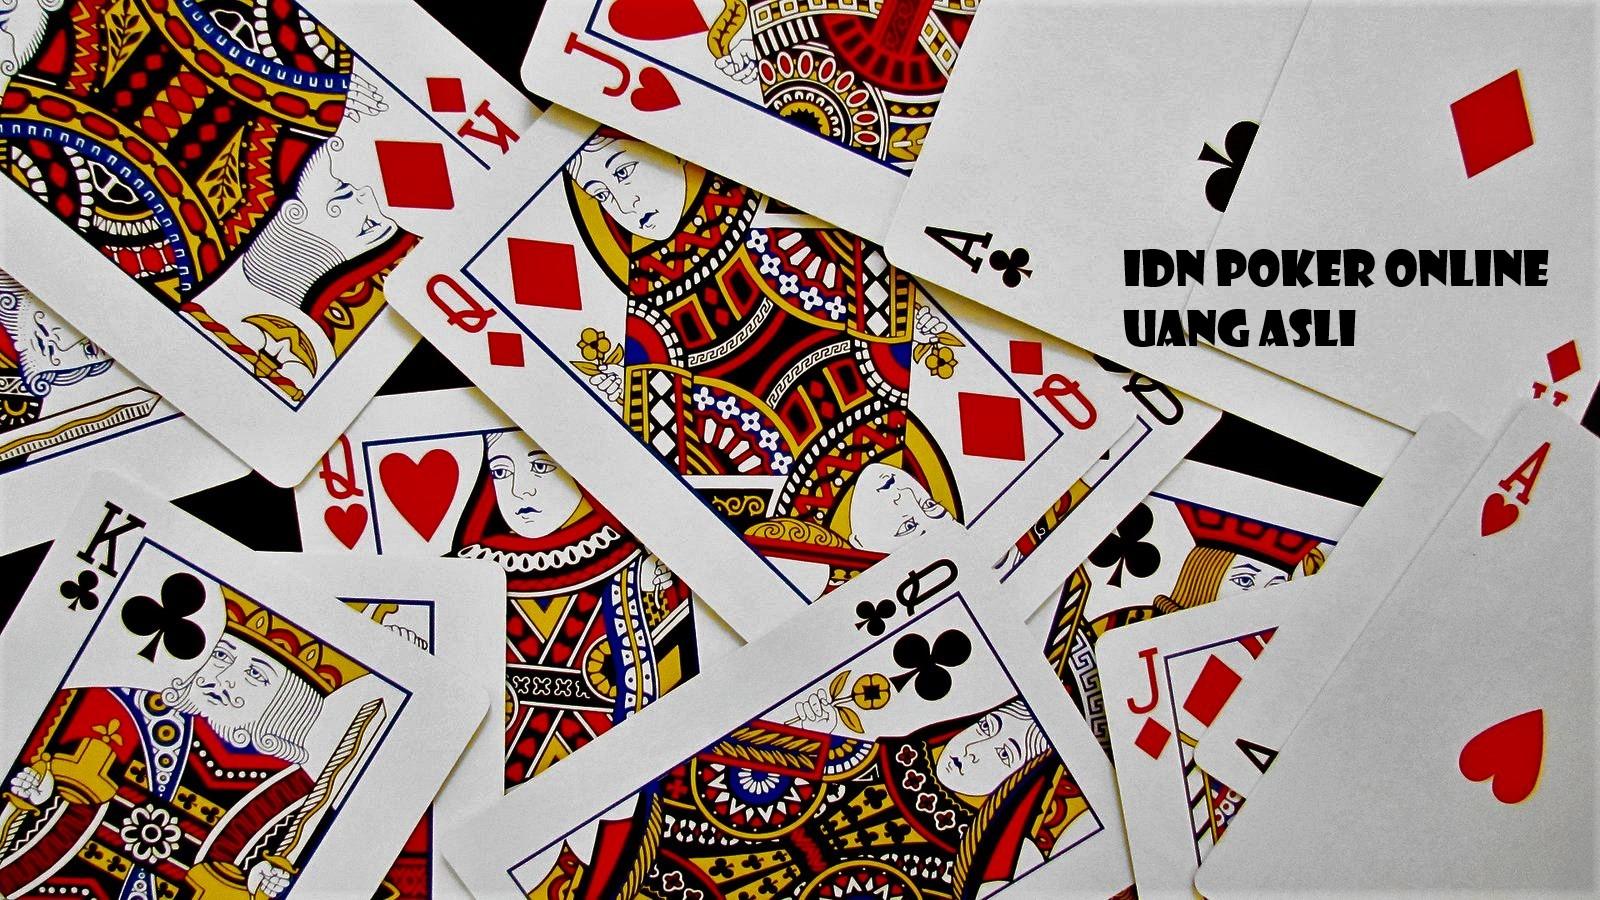 Website IDN Poker Online Resmi